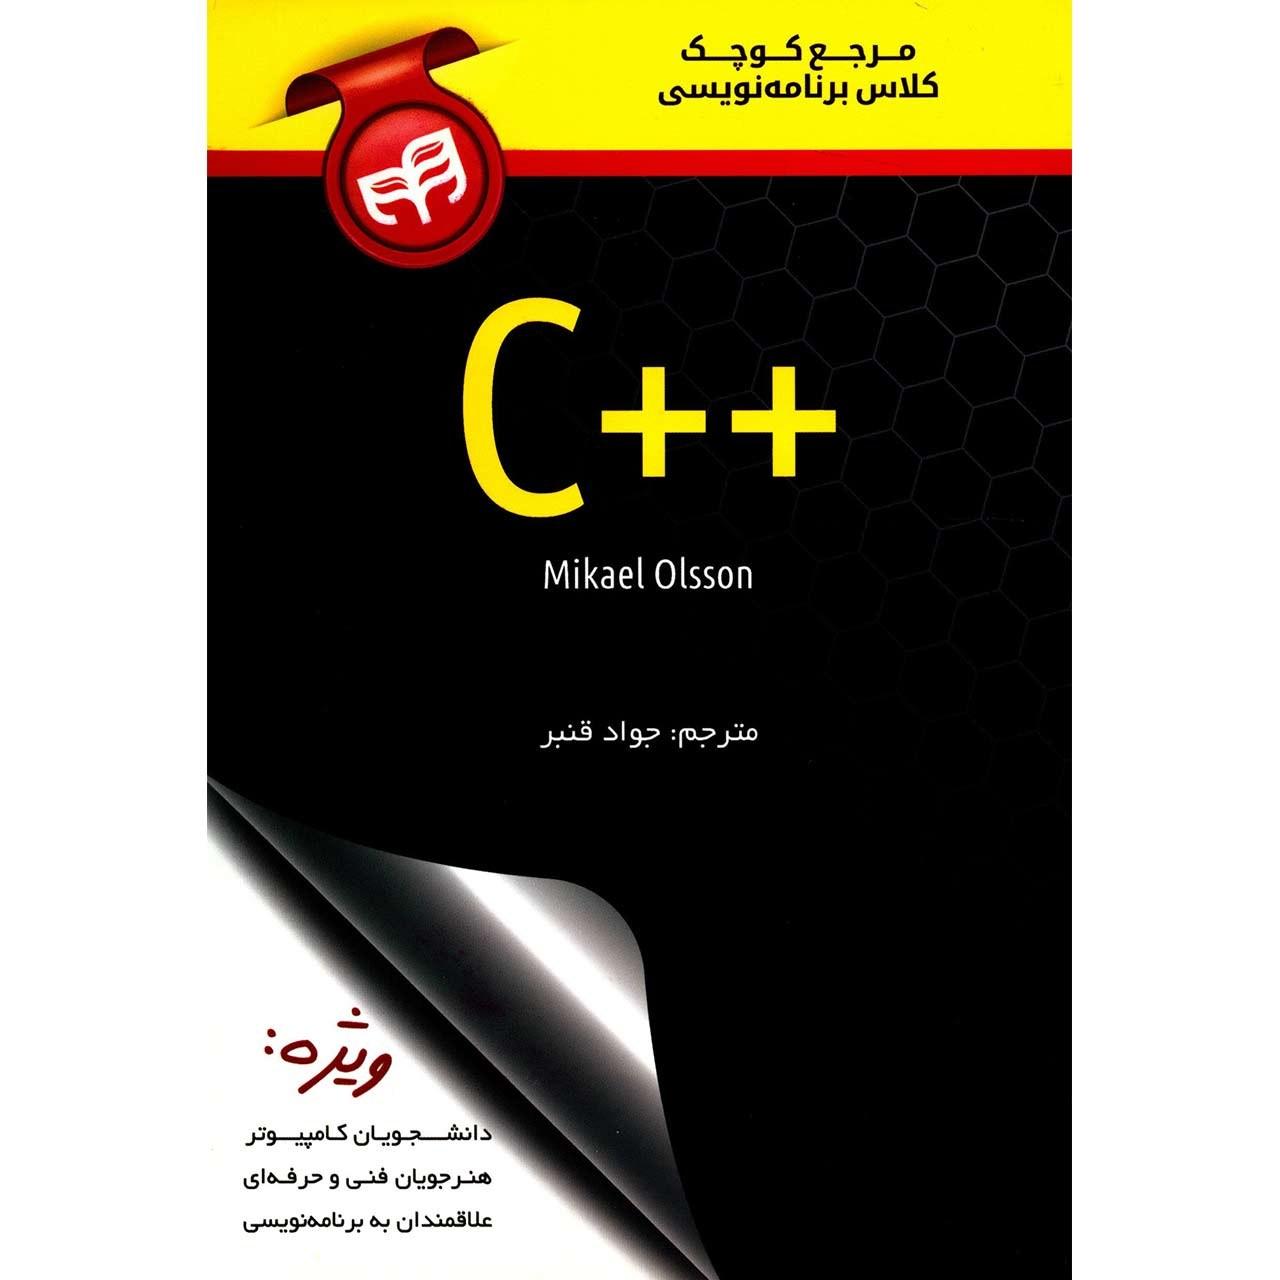 کتاب مرجع کوچک کلاس برنامه نویسی ++C اثر مایکل اولسون